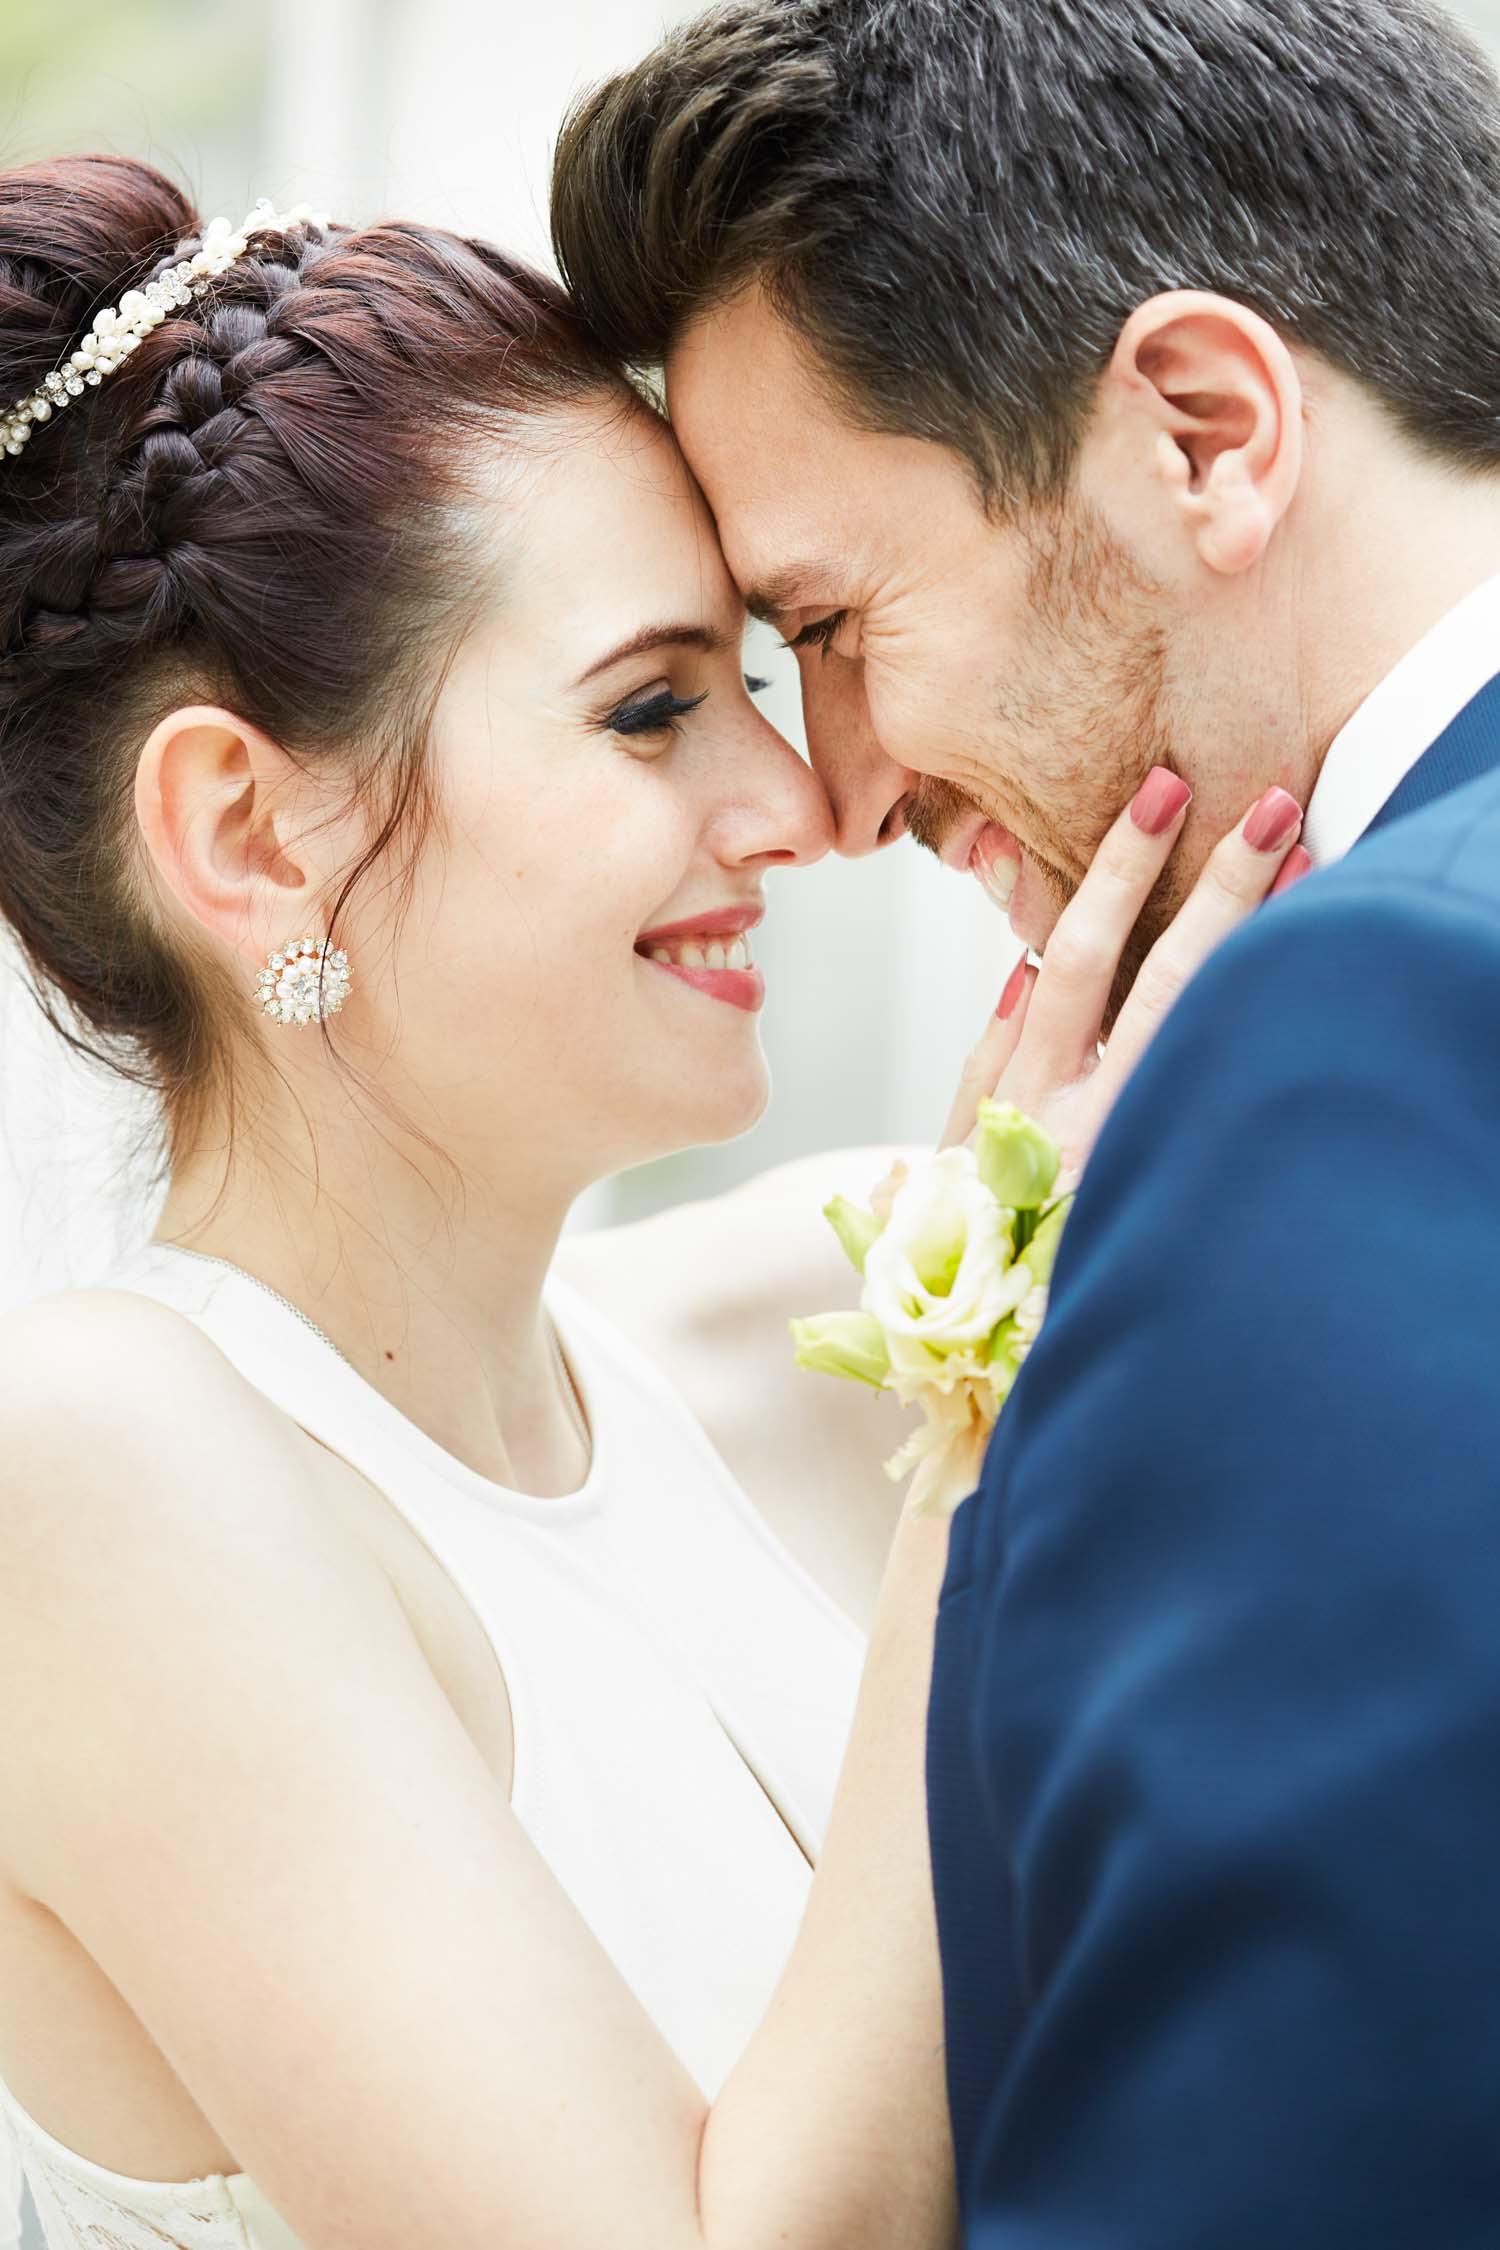 Hochzeit im Patrick Hellmann Schlosshotel Grunewald in Berlin - Brautpaar Shooting im Gewächshaus